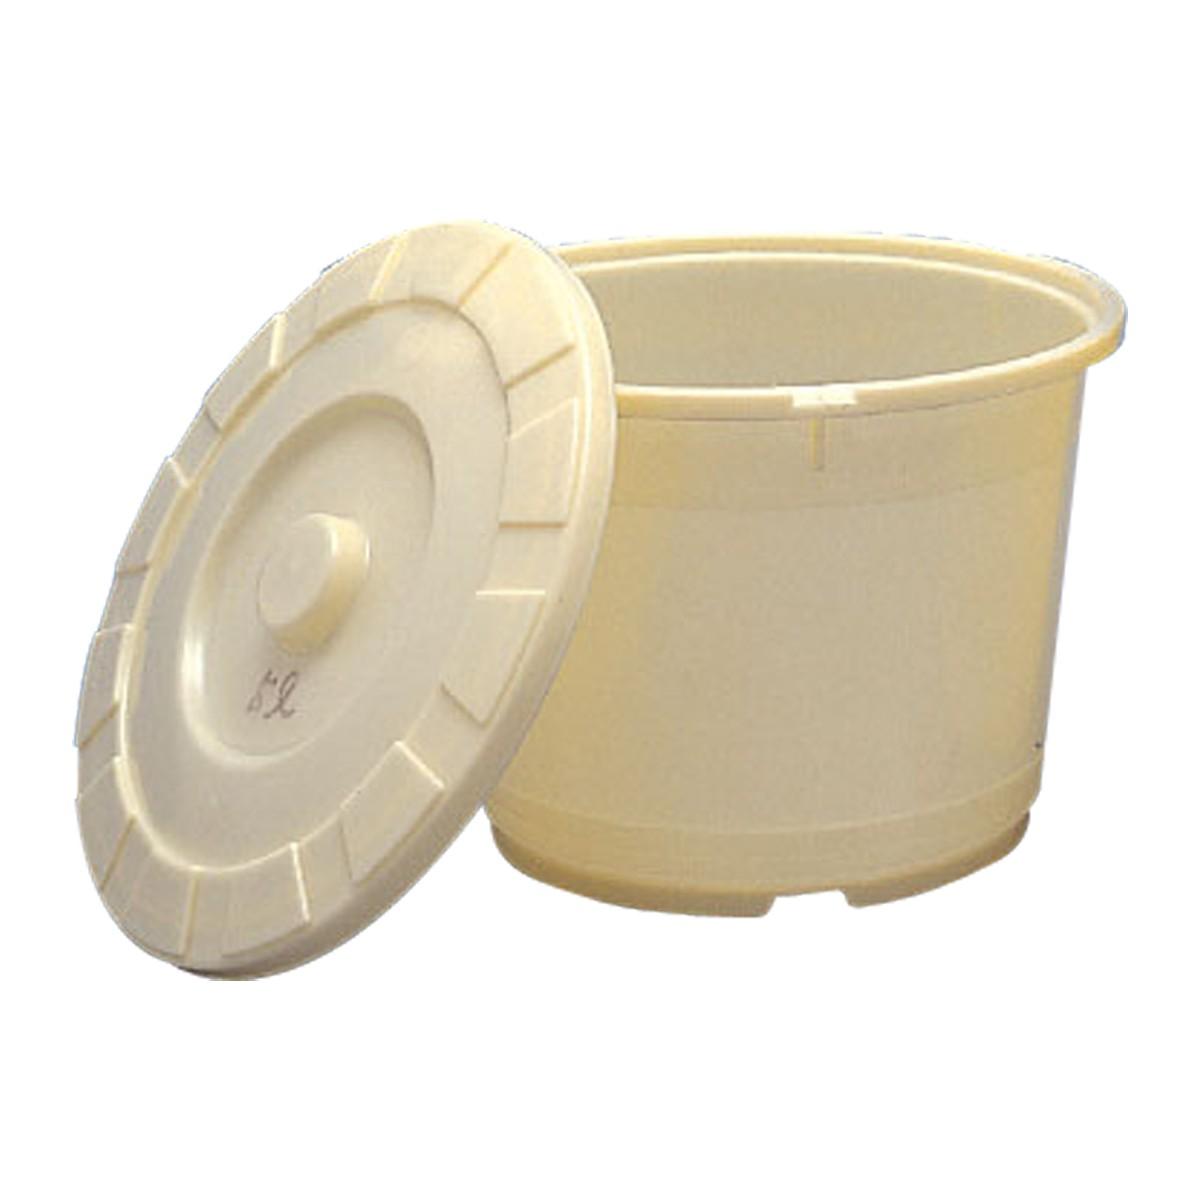 泥漿 半磁器土 ポリ容器入り 10L 【 陶芸 石こう型 】